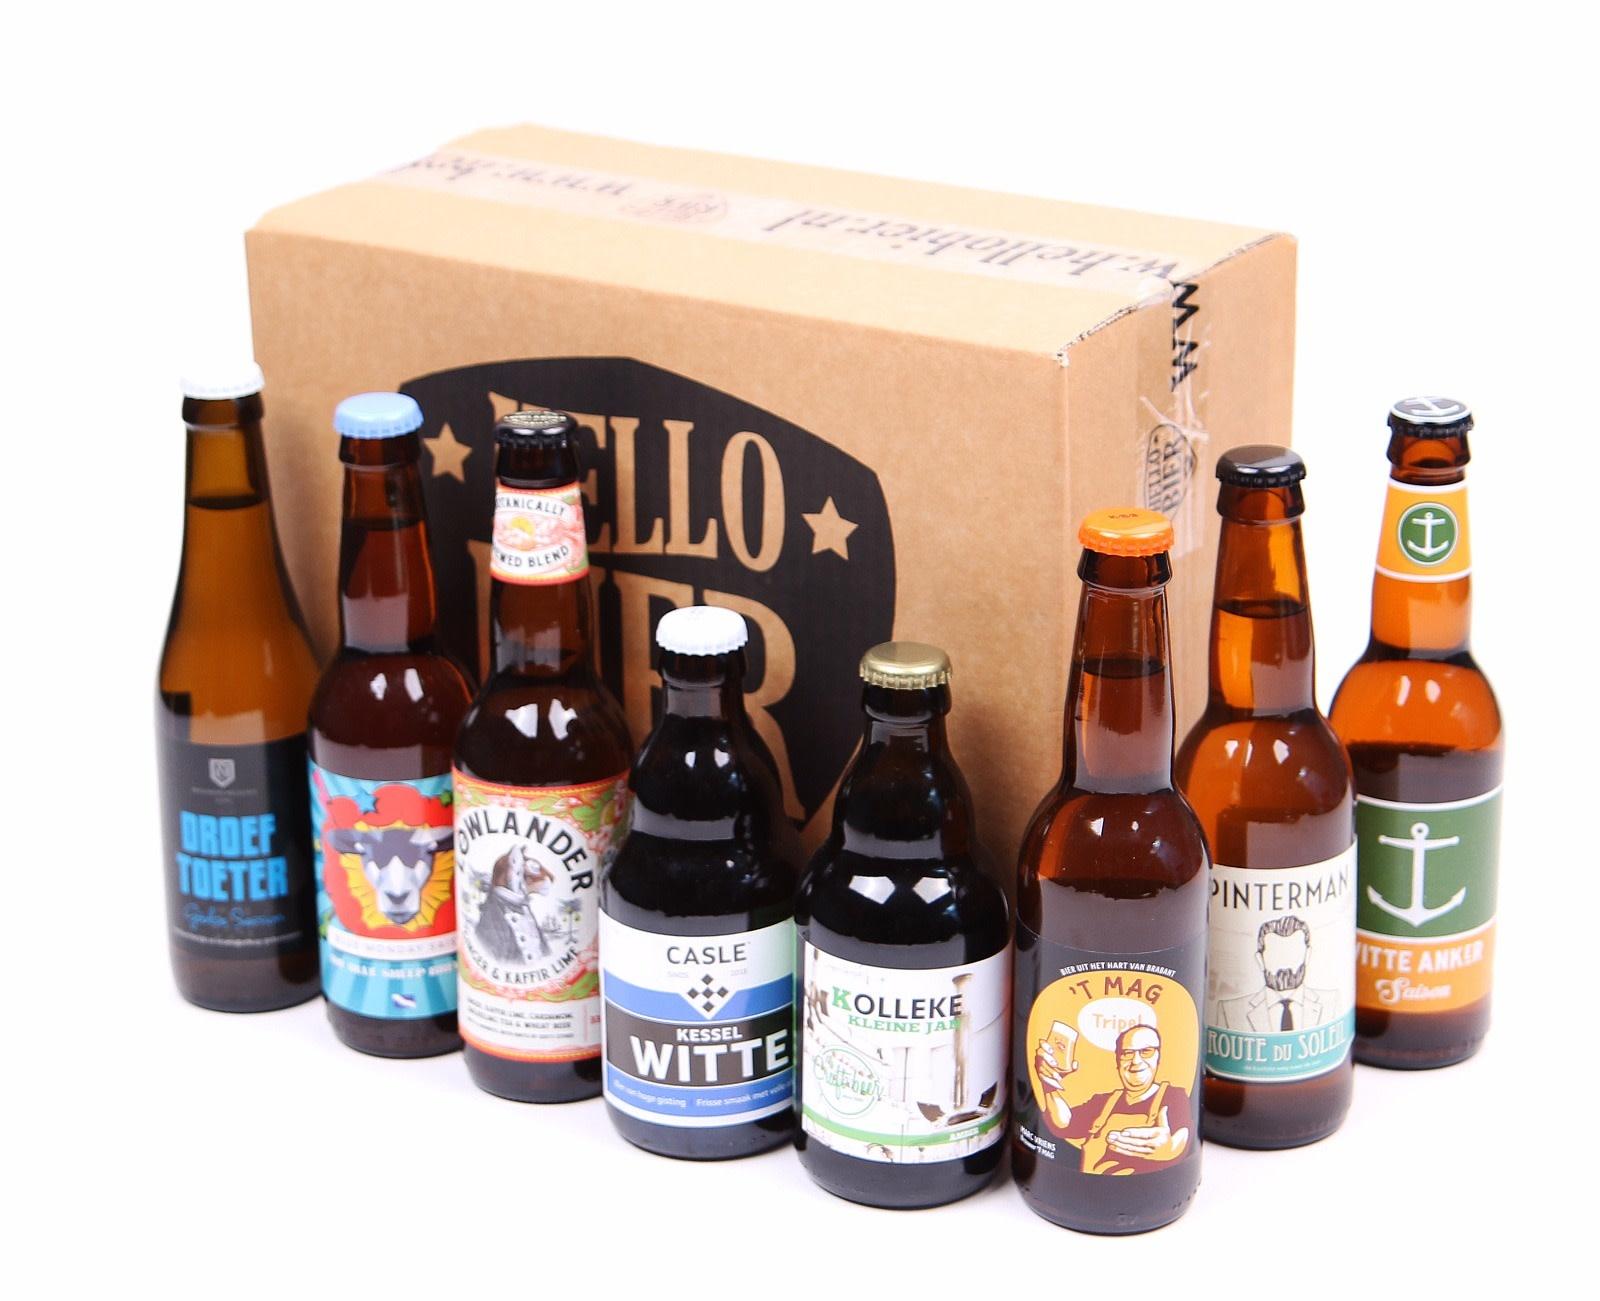 Maandelijks bierabonnement-1